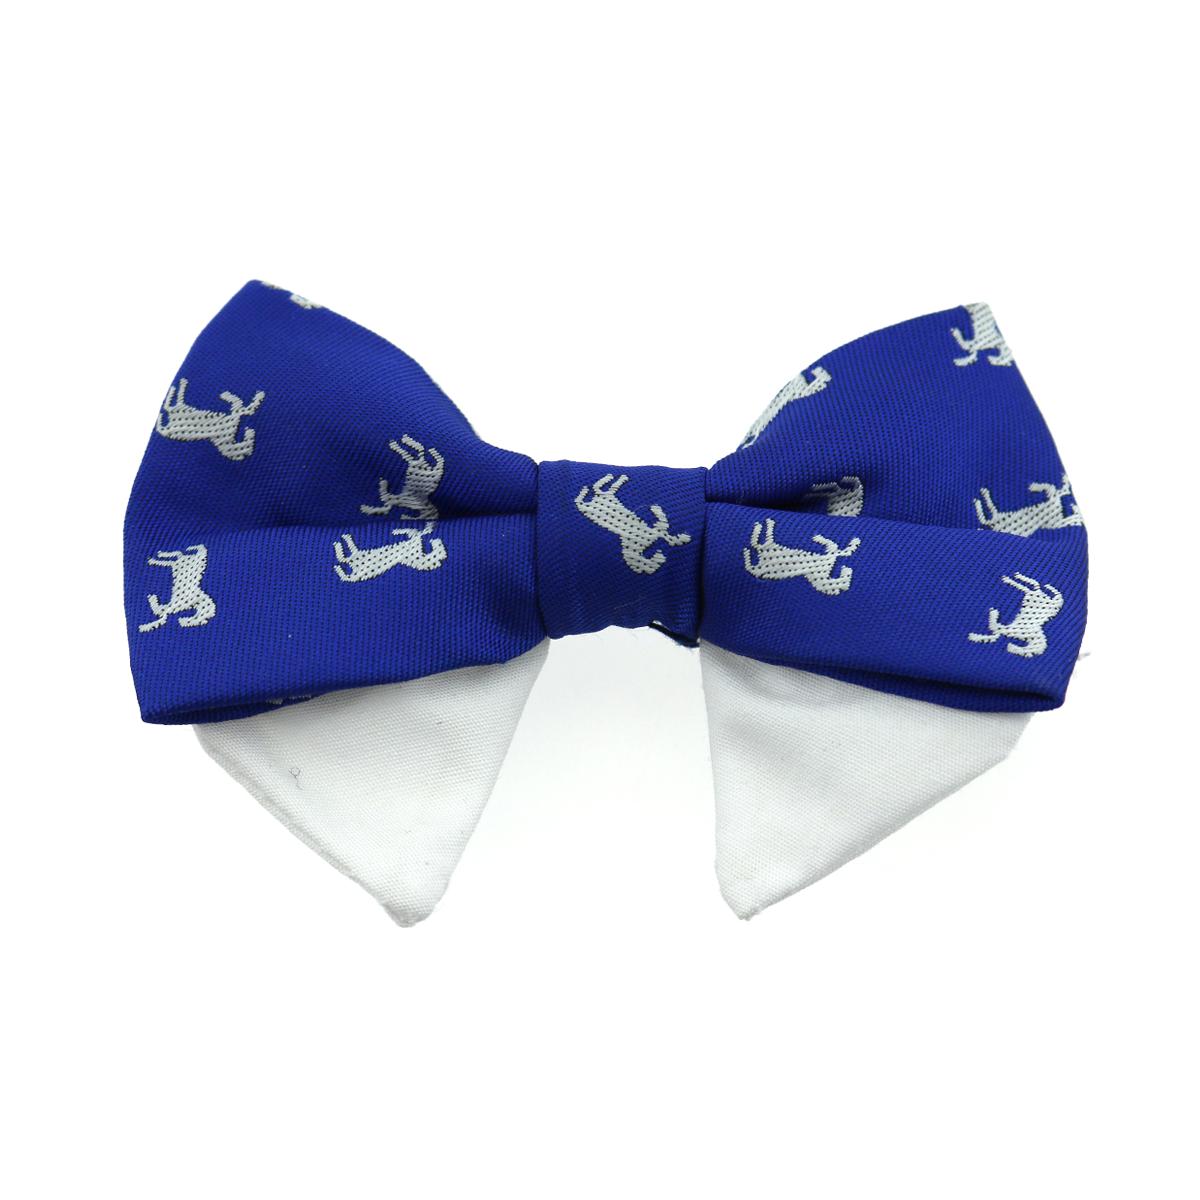 Doggie Design Universal Dog Bow Tie, Navy Blue, Type 1